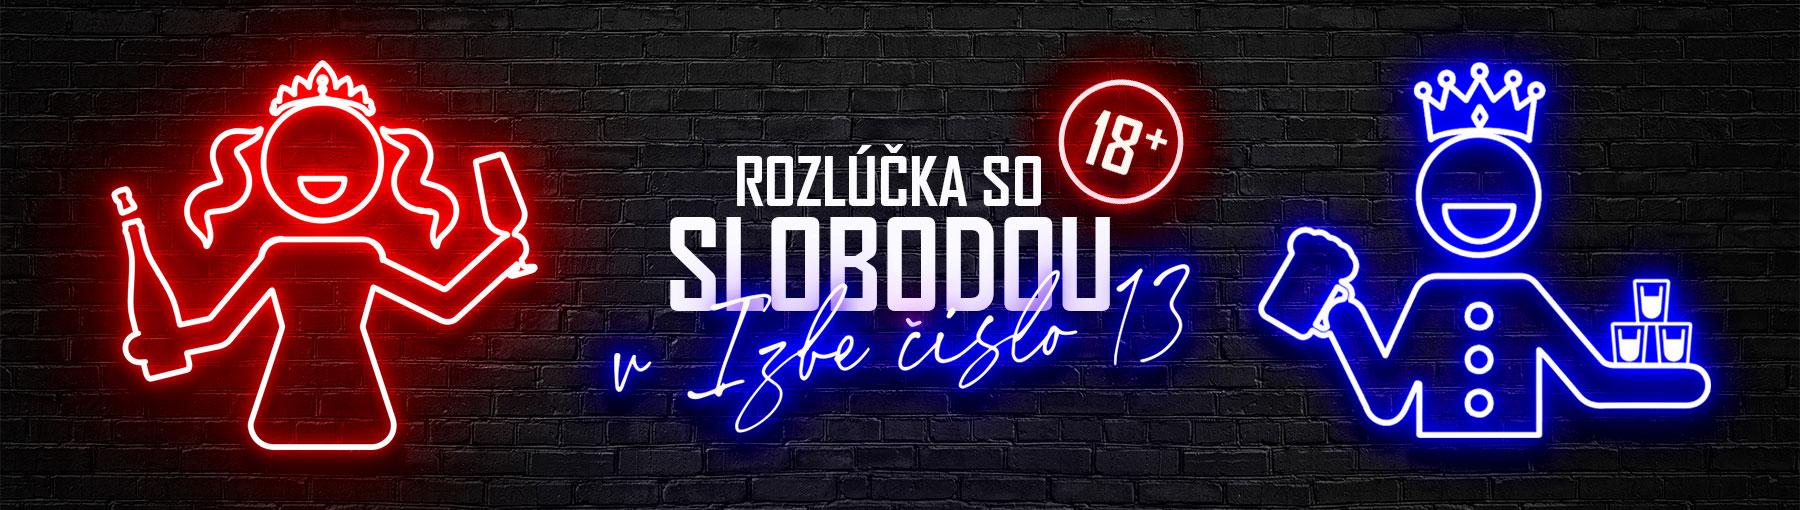 Rozlucka_slider_low